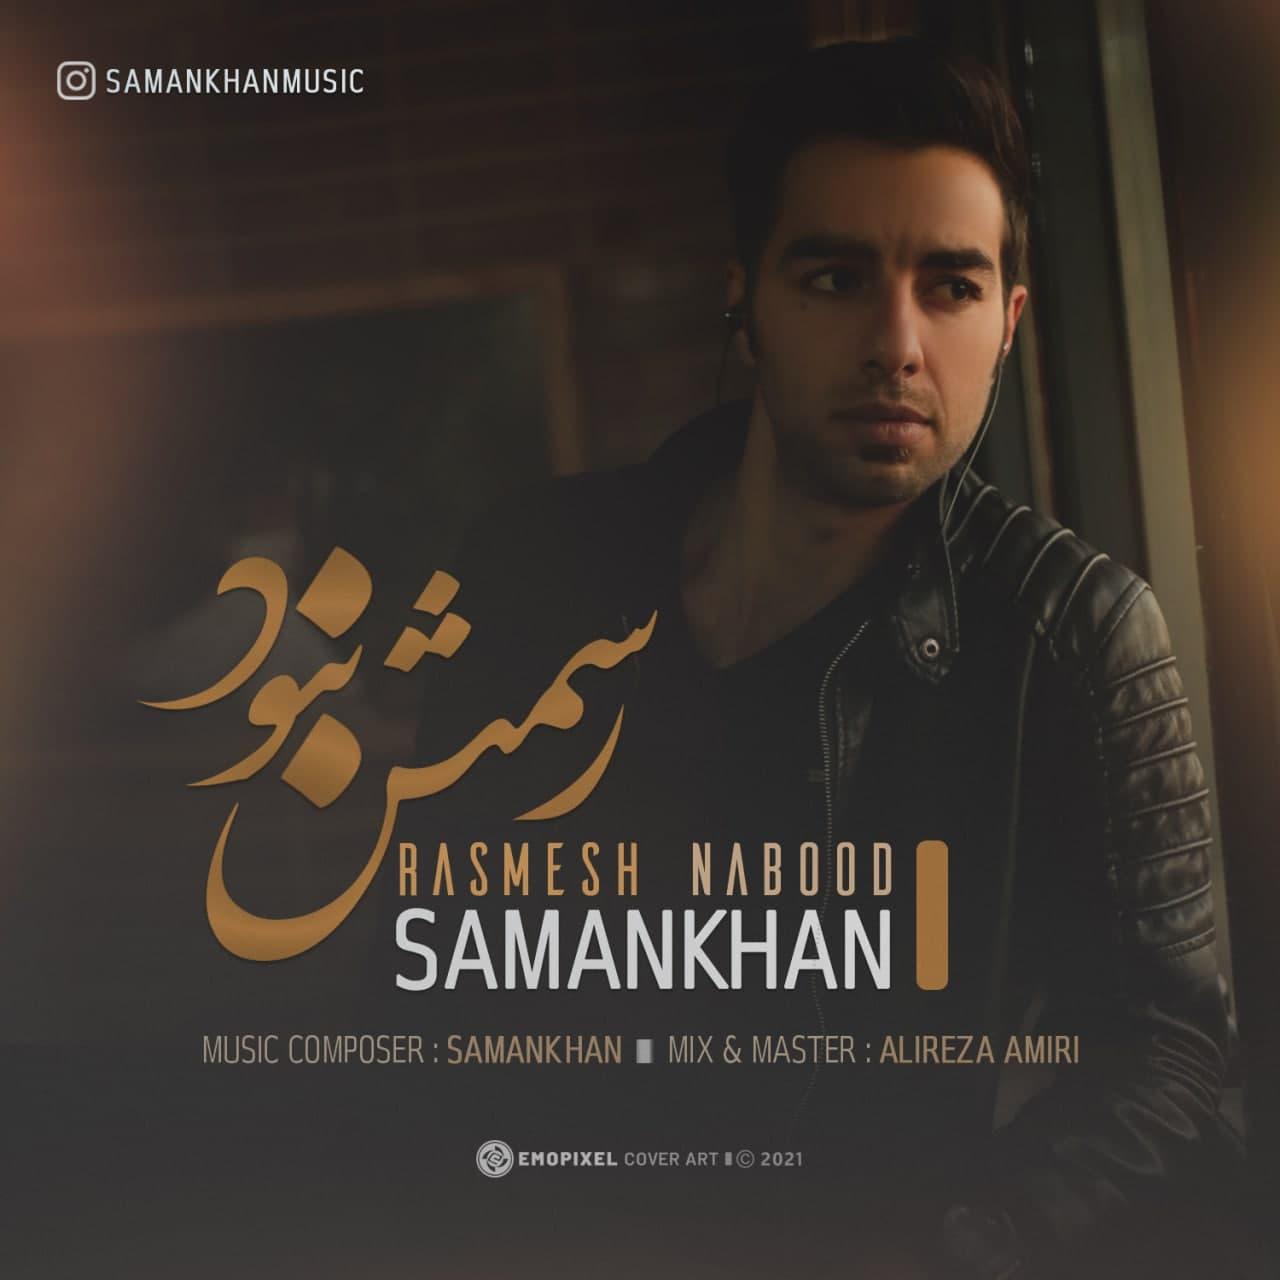 دانلود آهنگ سامان خان به نام رسمش نبود از موزیک باز